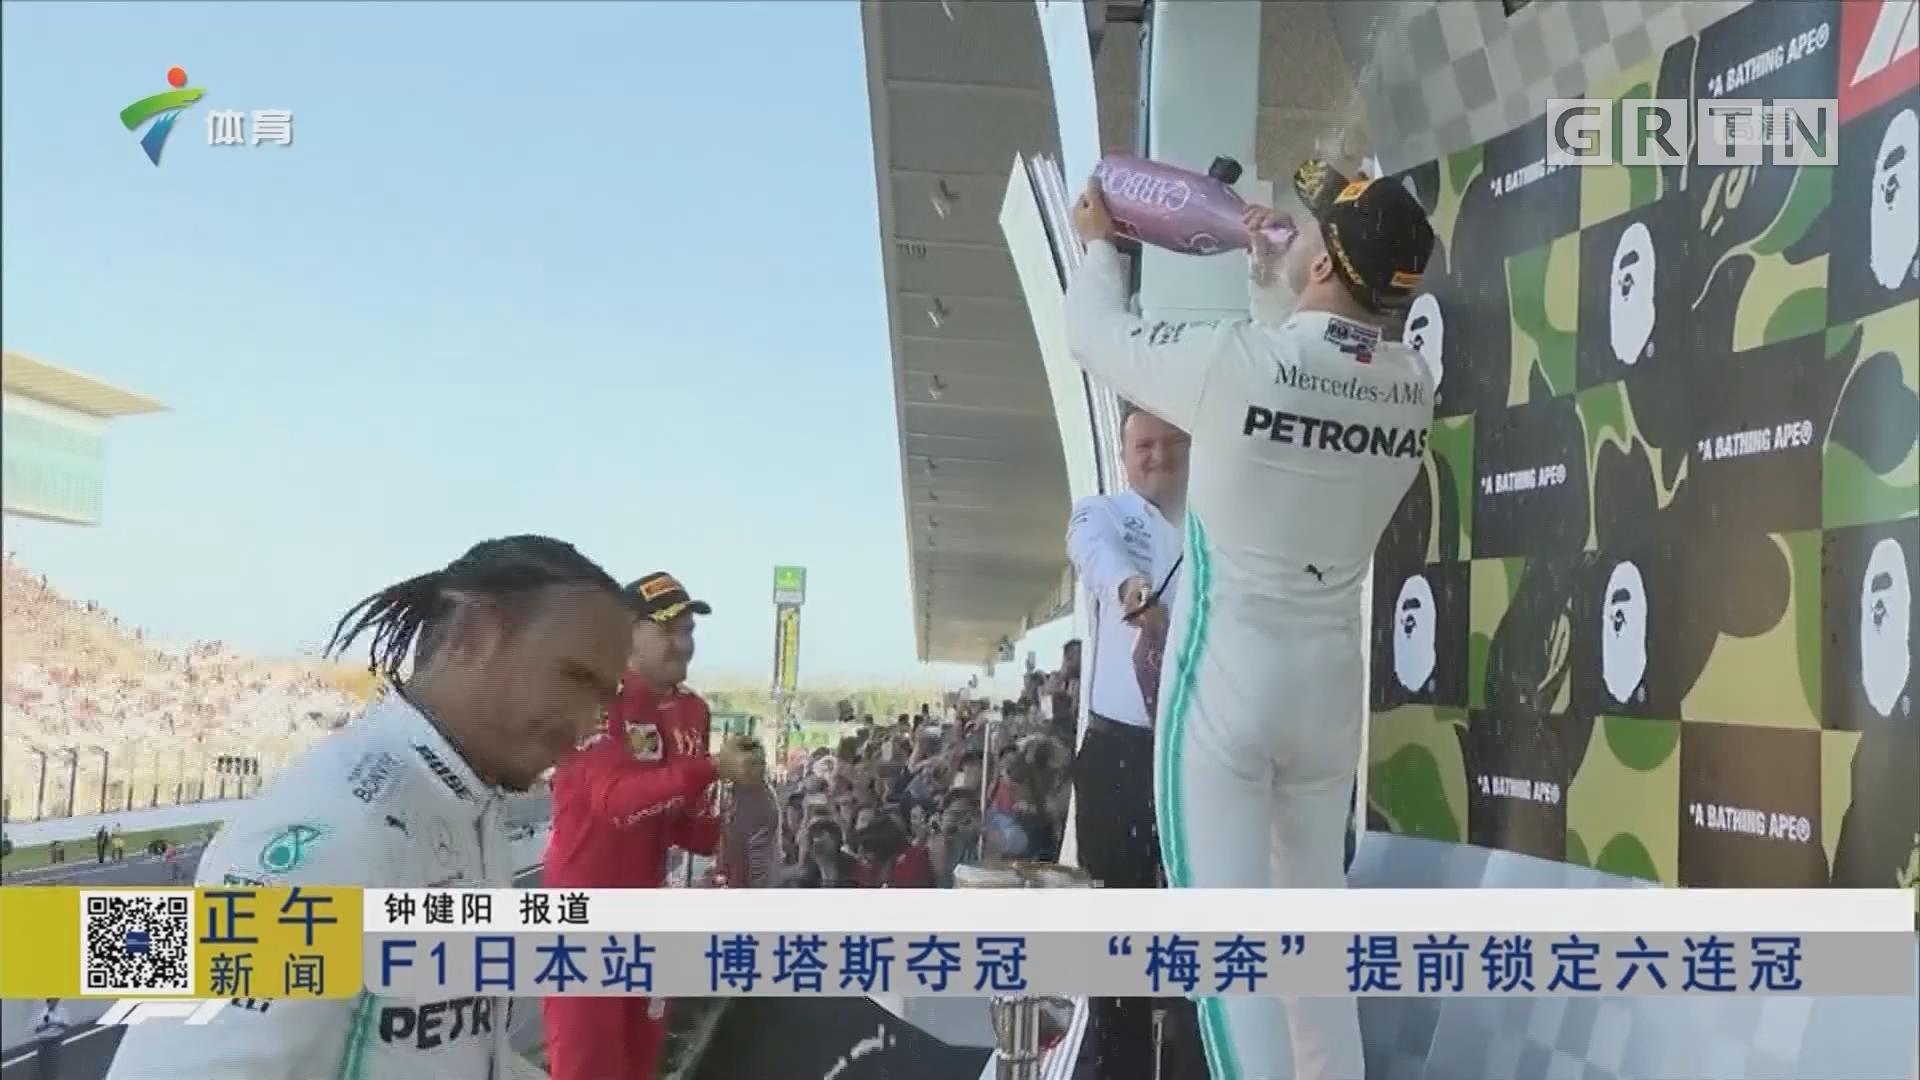 """F1日本站 博塔斯夺冠 """"梅奔""""提前锁定六桂冠"""